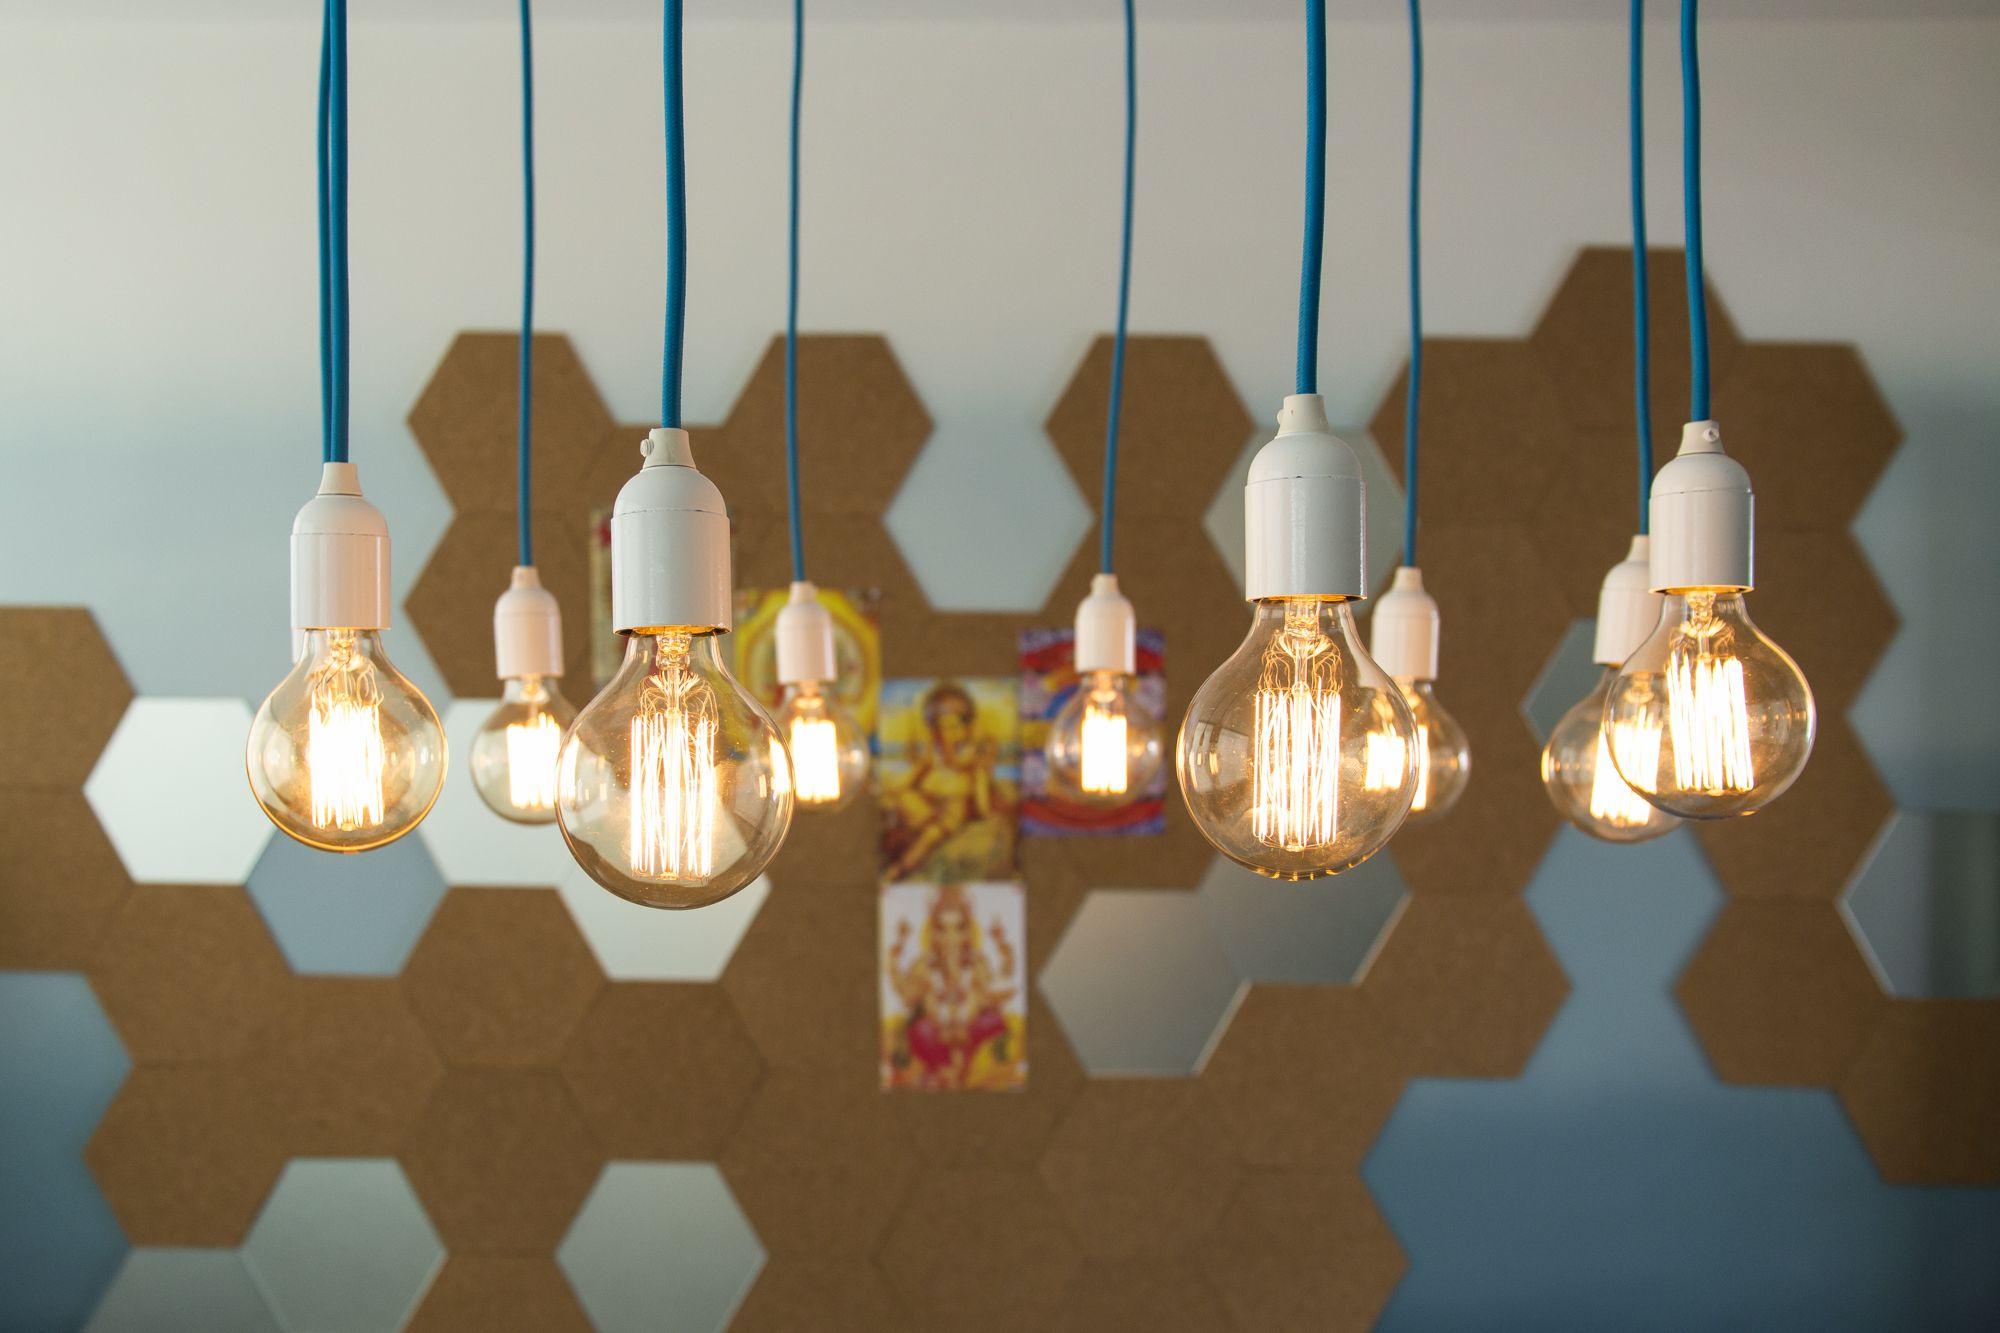 Decora Rosenbaum Temporada 3 - Copa. Composição lâmpadas de filamento. Foto: Felipe Felco Valle